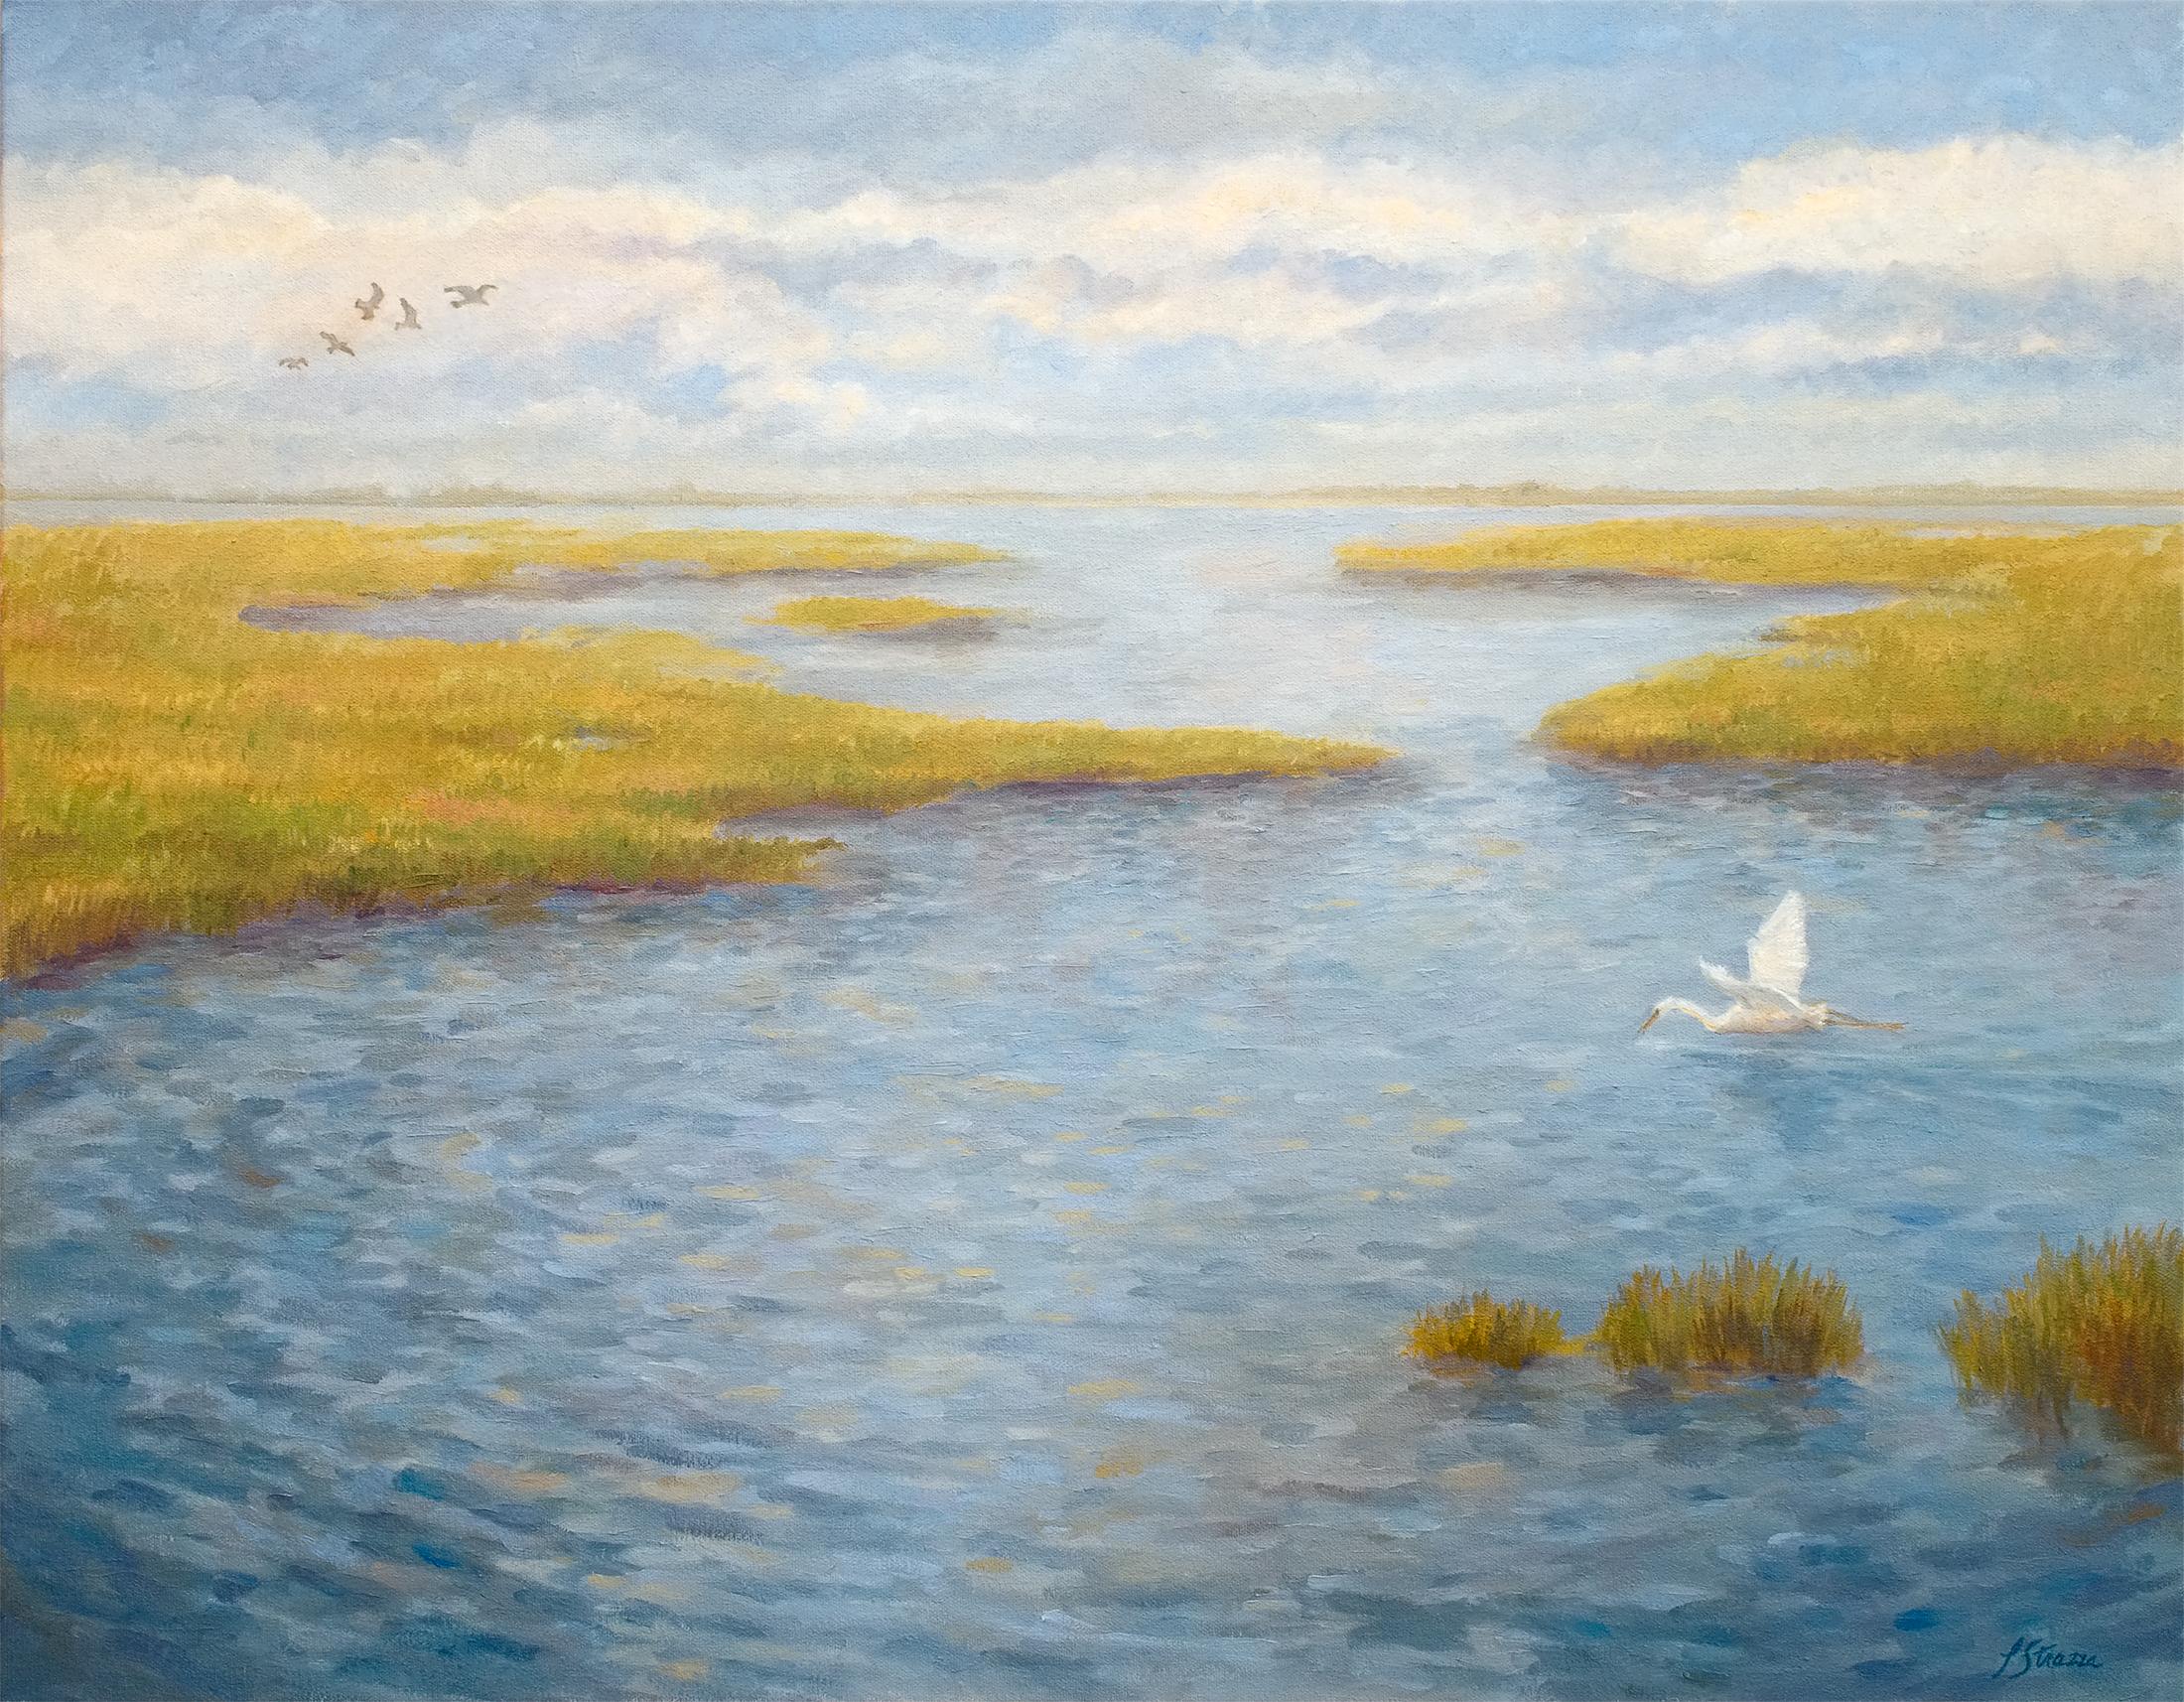 Birds flying over the marsh